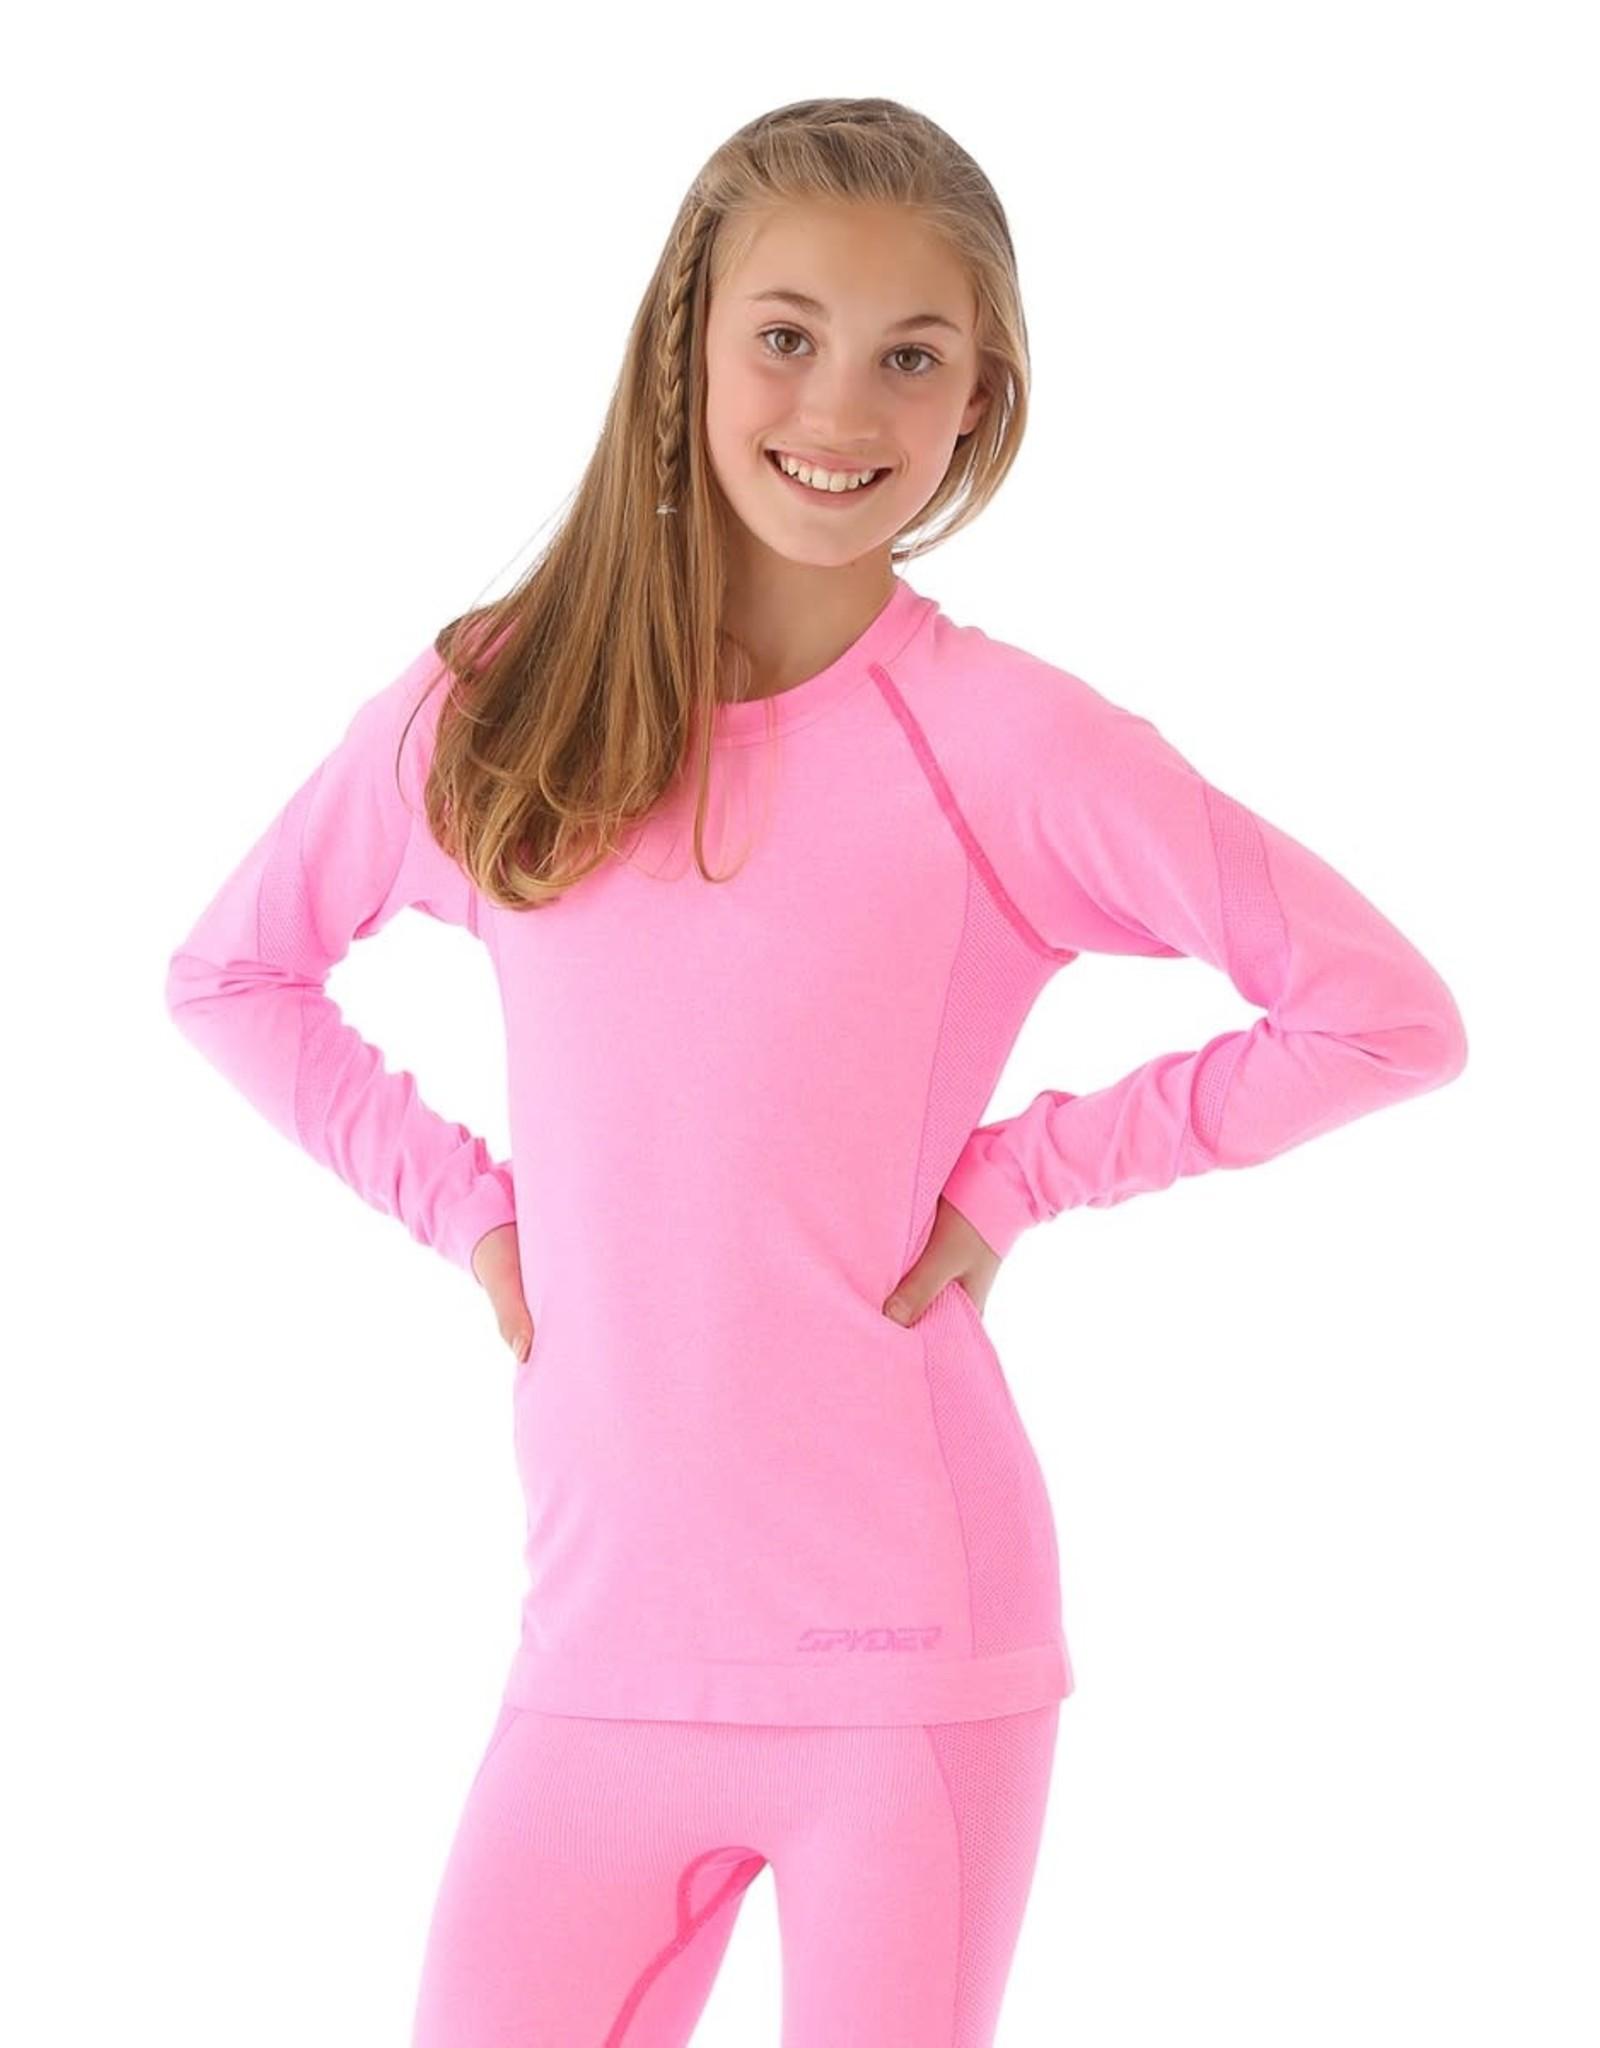 Spyder Girl's Cheer Top